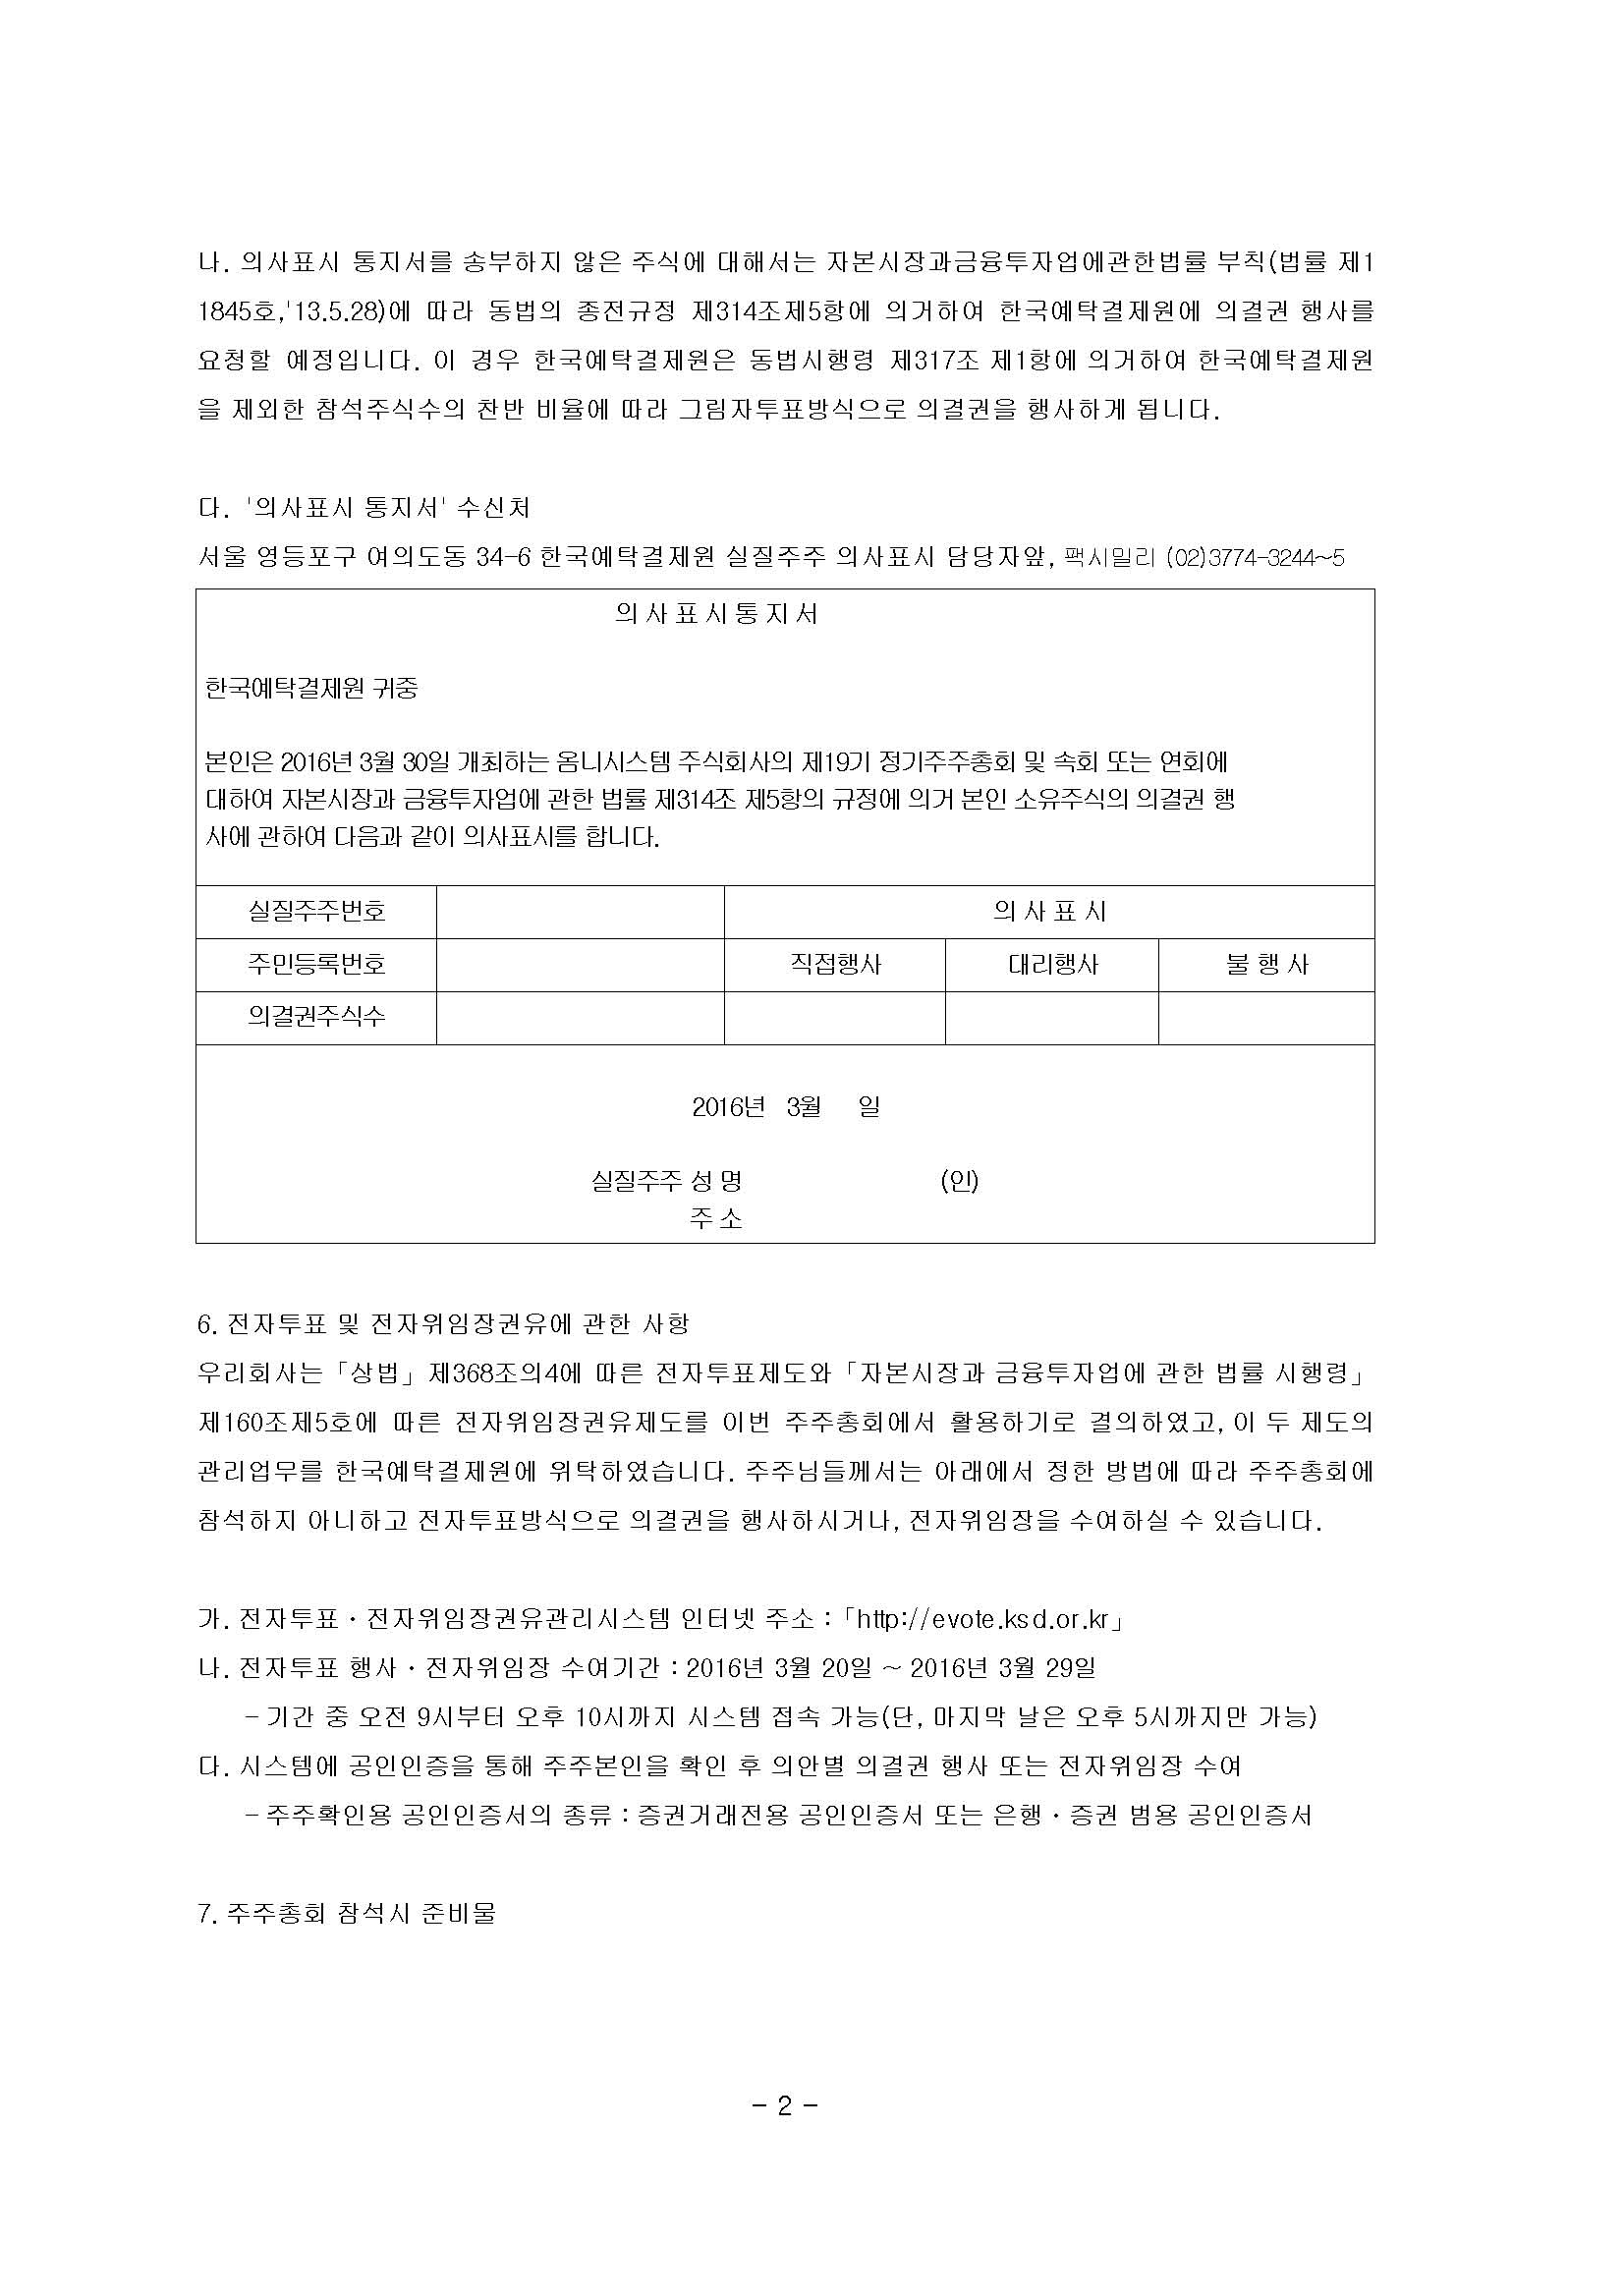 20160311 주주총회 소집공고-옴니시스템_페이지_03.jpg